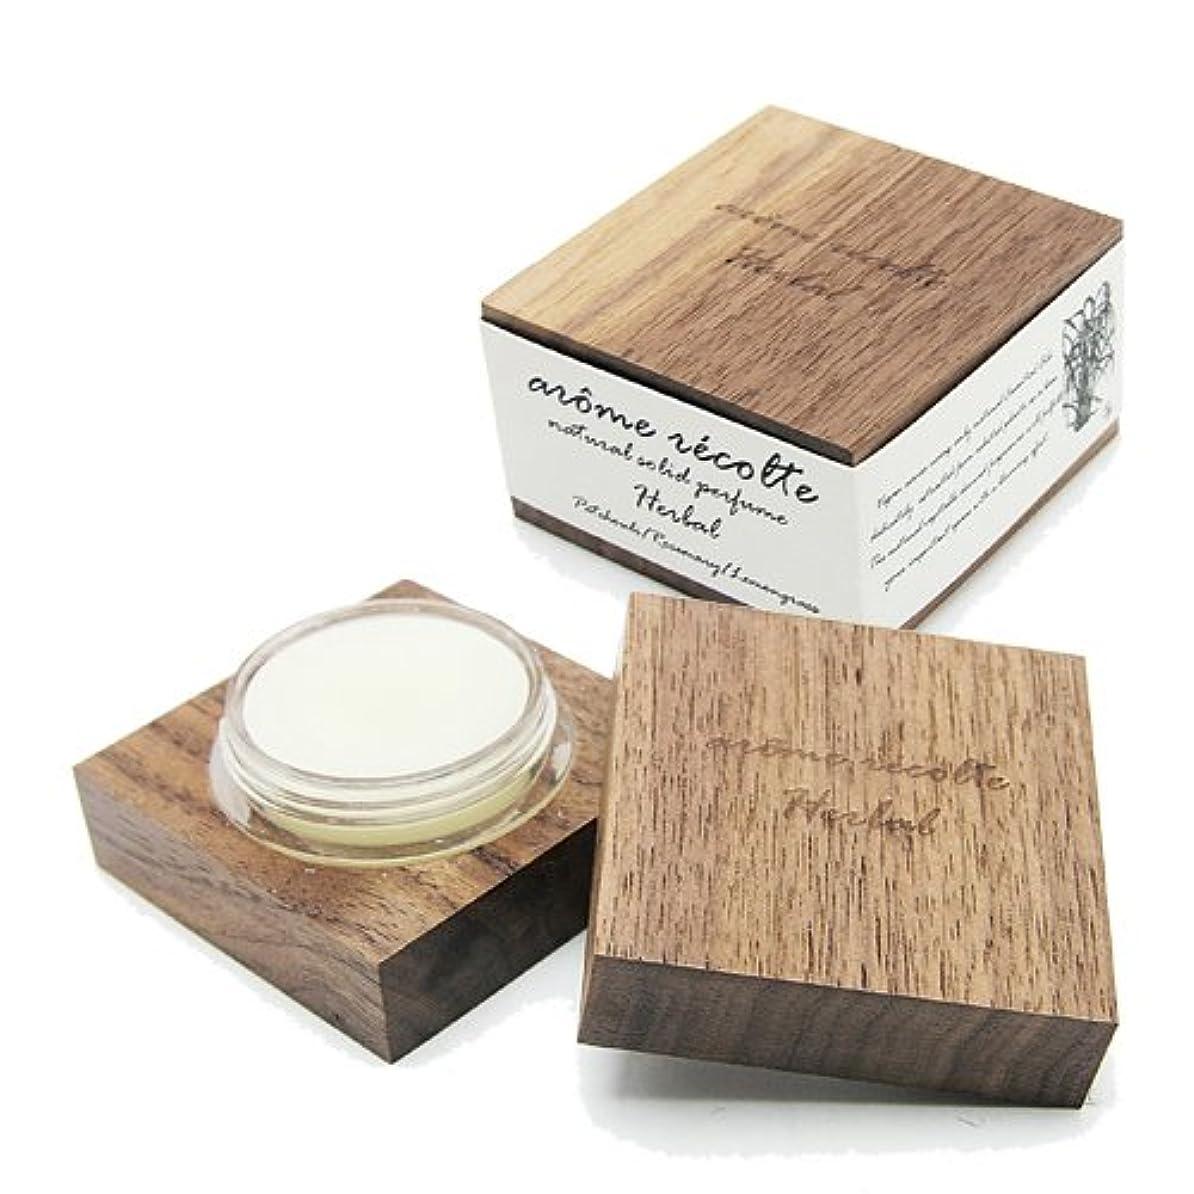 適格鋸歯状ソファーアロマレコルト ナチュラル ソリッドパフューム ハーバル Herbal arome recolte 練り香水